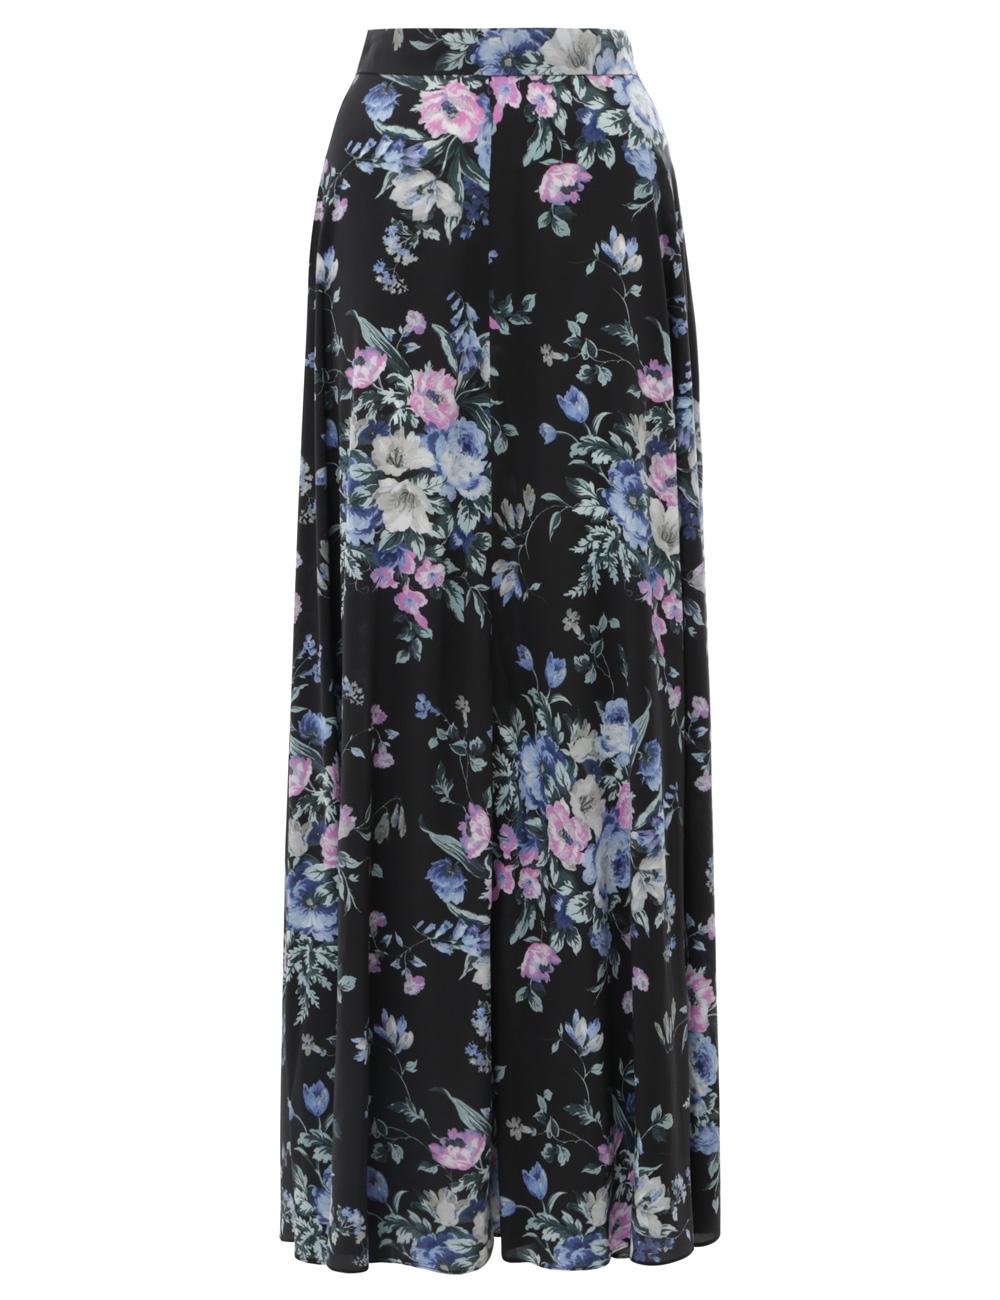 Moncur Circular Skirt